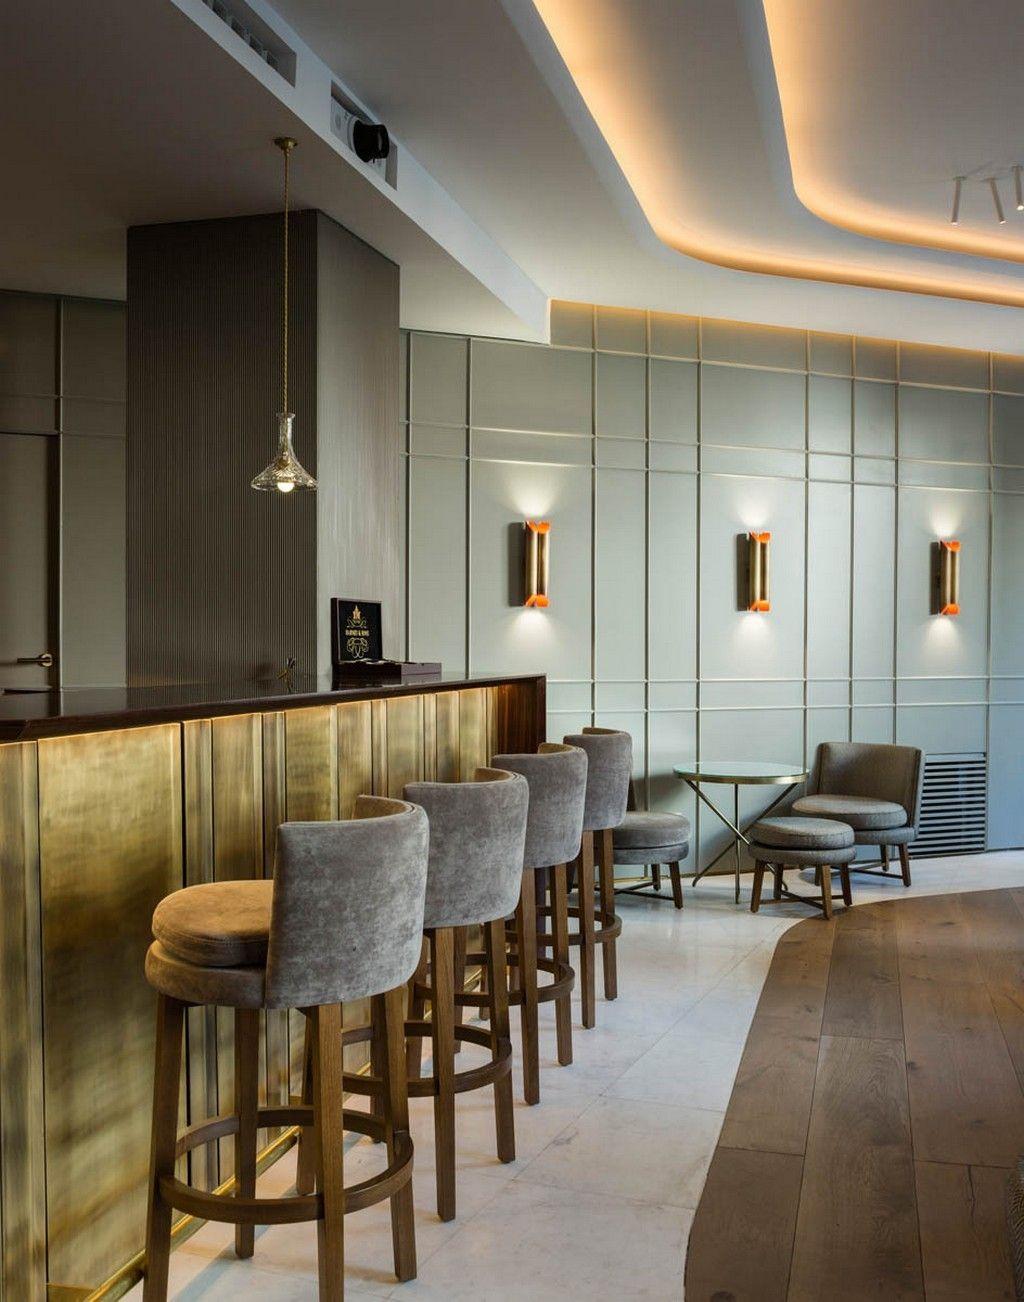 10 ultra luxury apartment interior design ideas